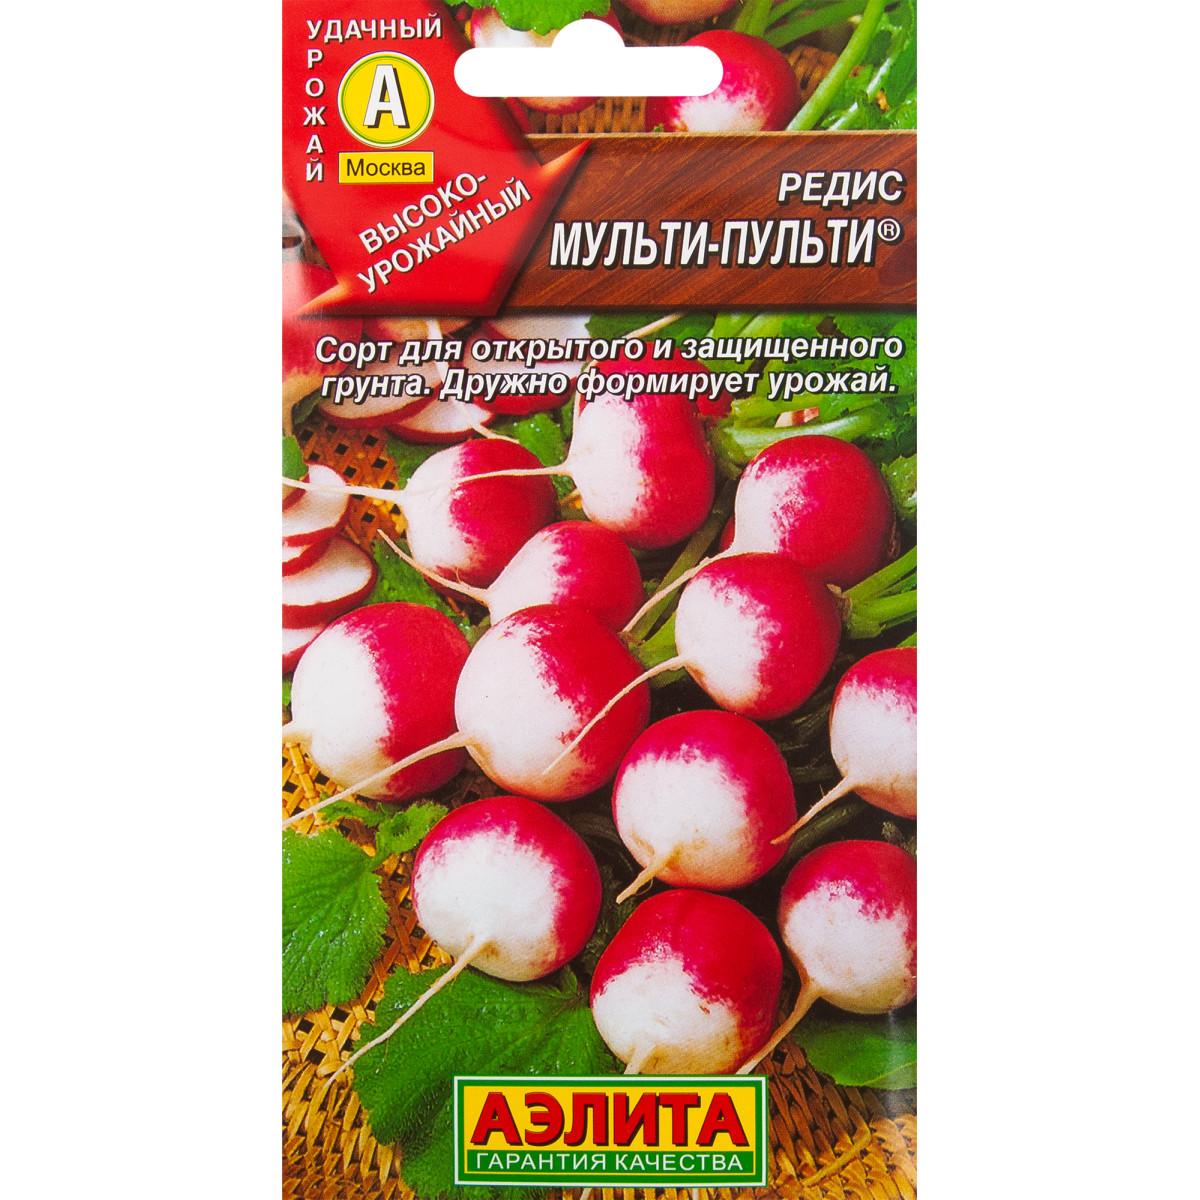 Семена Редис Мульти-пульти 3 г